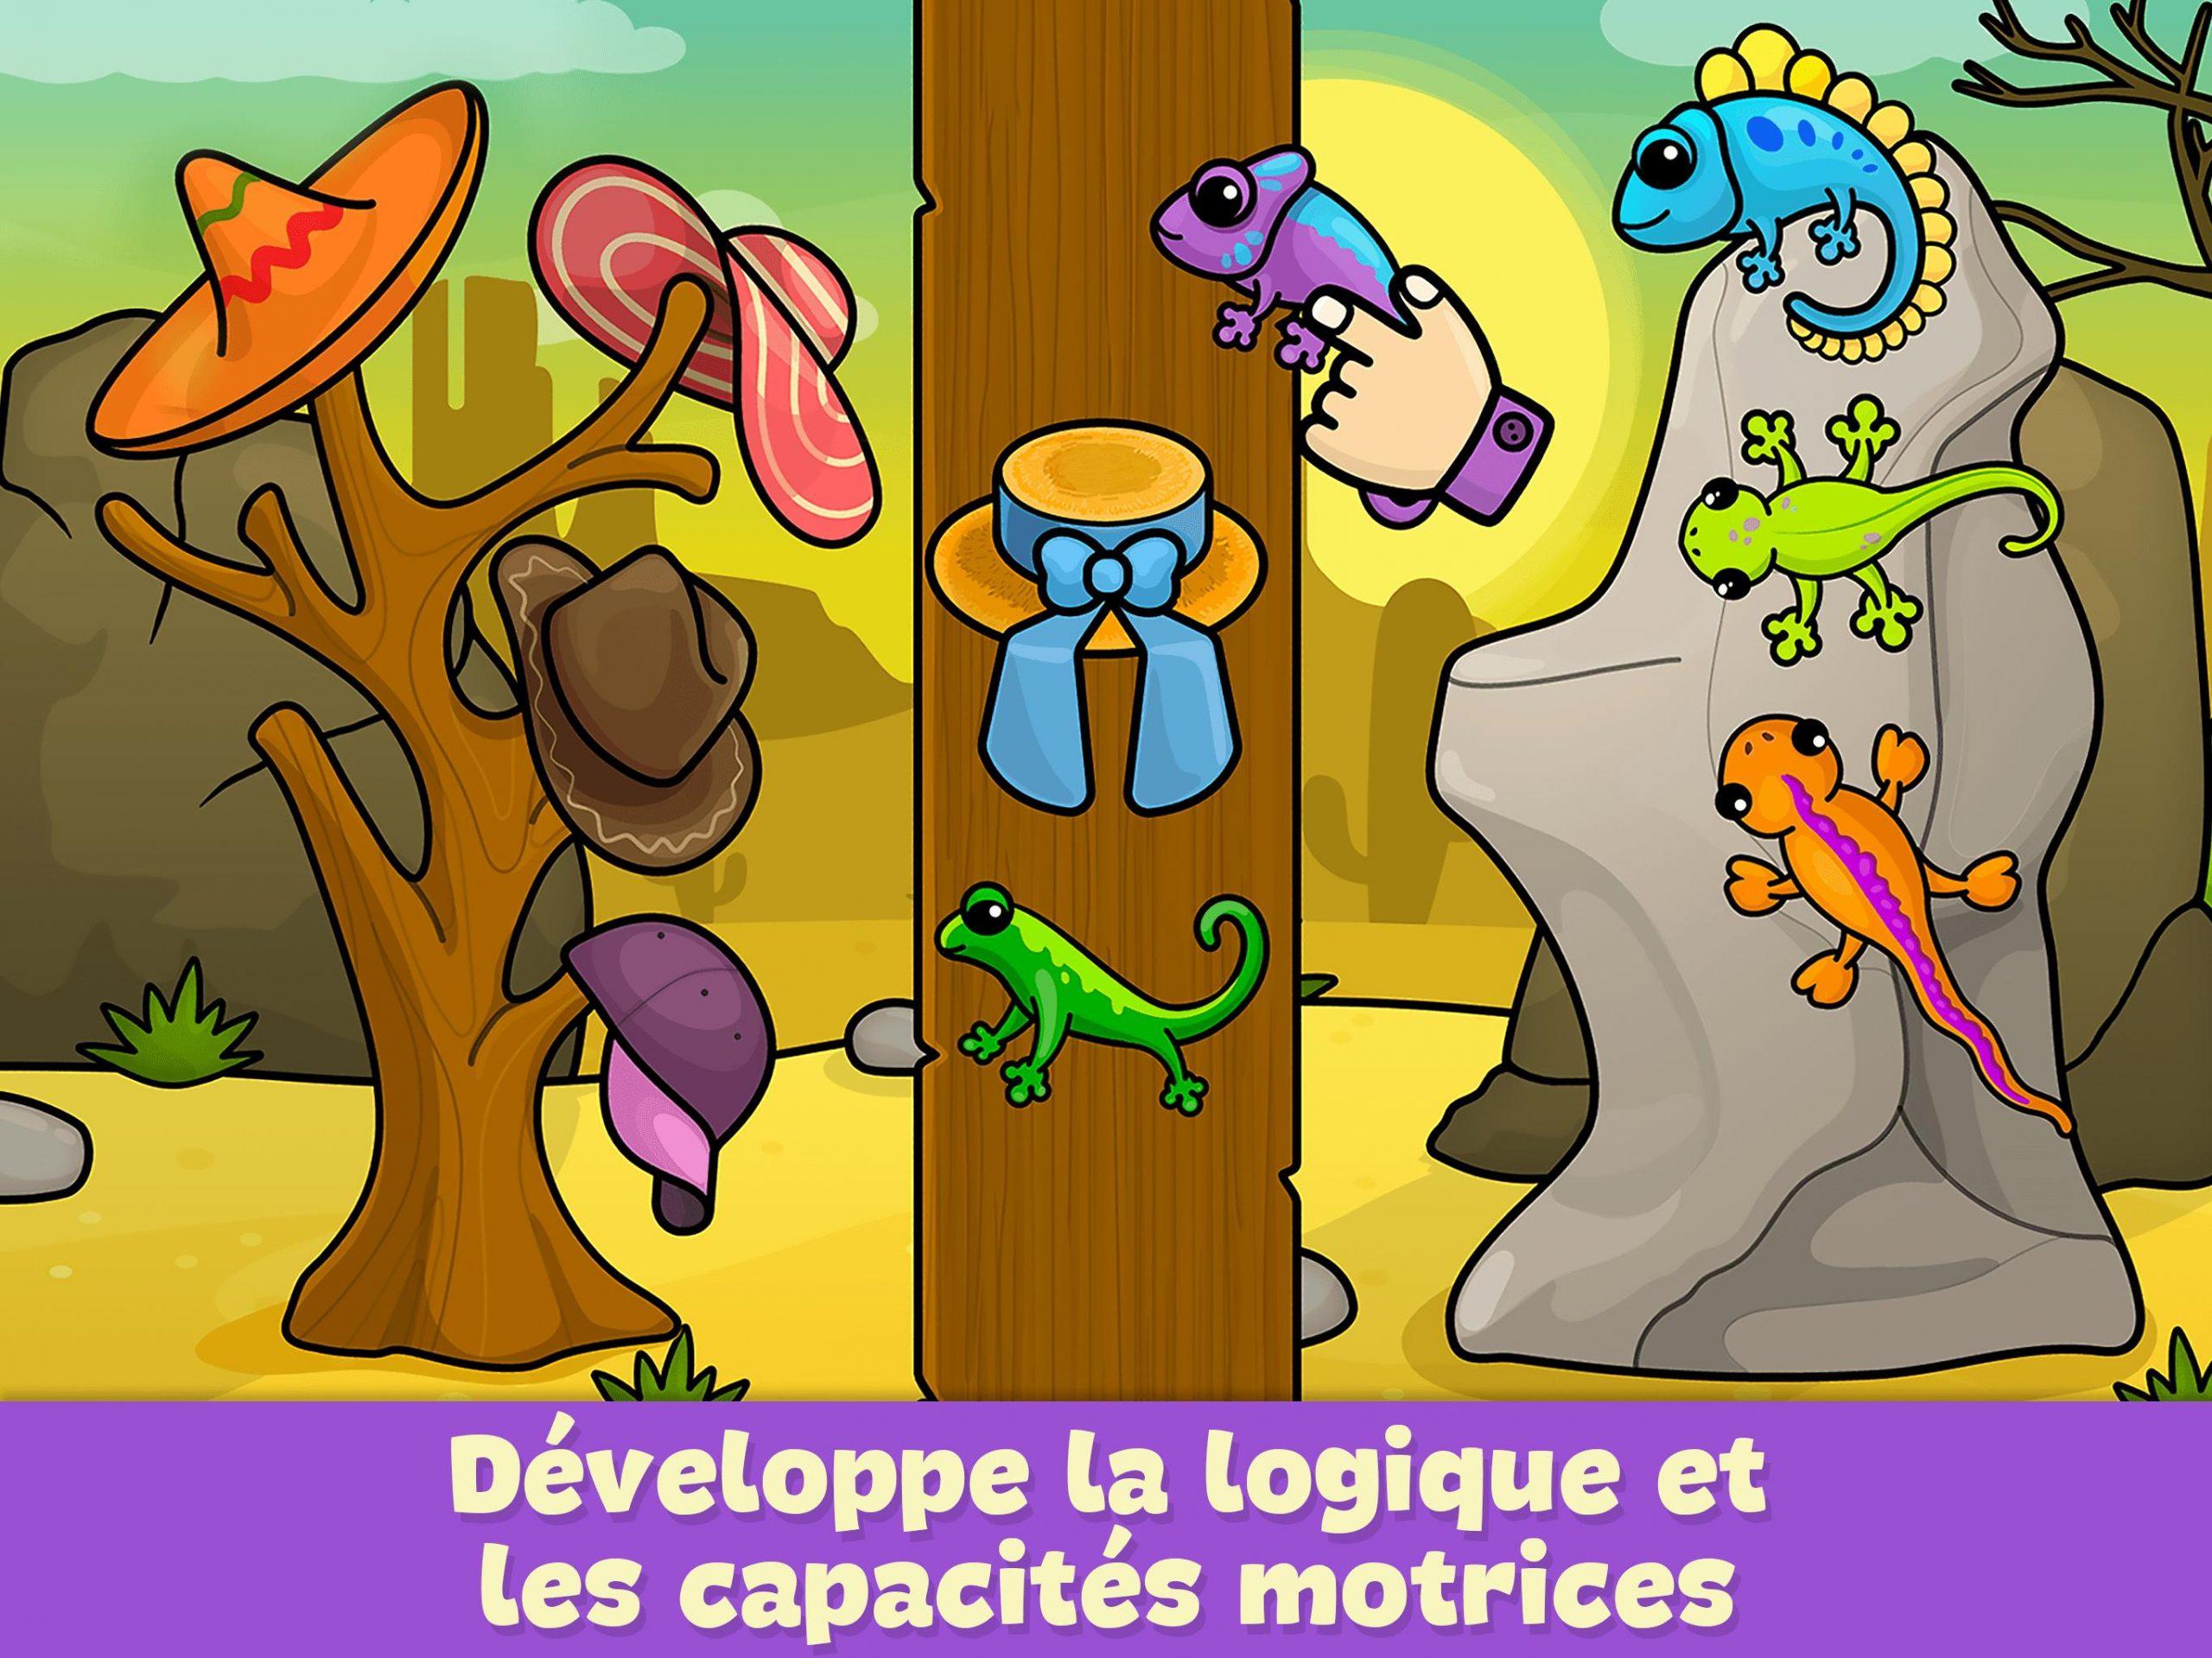 Jeux Pour Enfants 2 - 5 Ans Pour Android - Téléchargez L'apk dedans Jeux Fille 5 Ans Gratuit